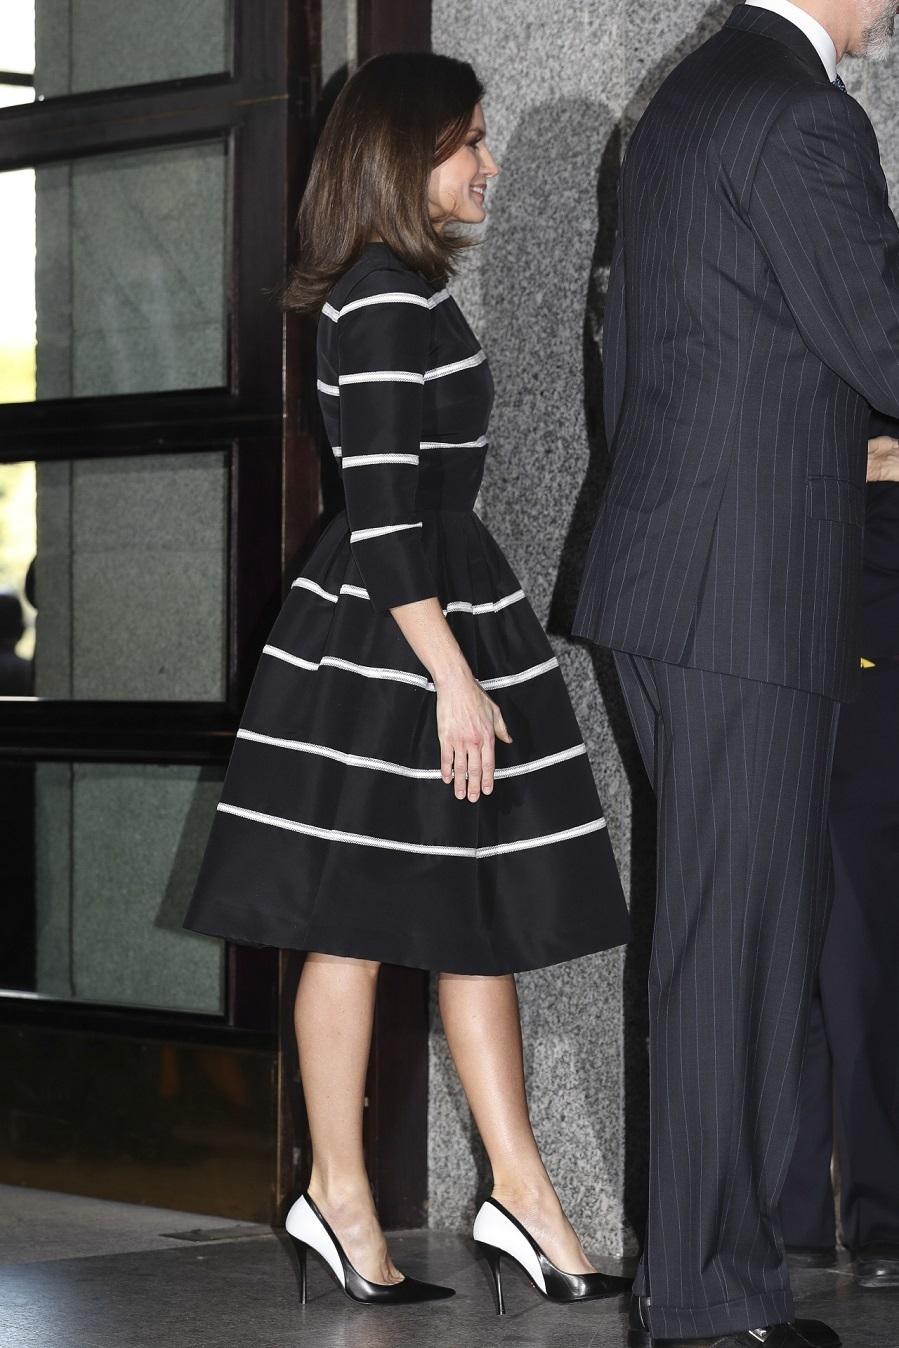 La Reina Letizia con vestido negro con rayas blancas de Carolina Herrera